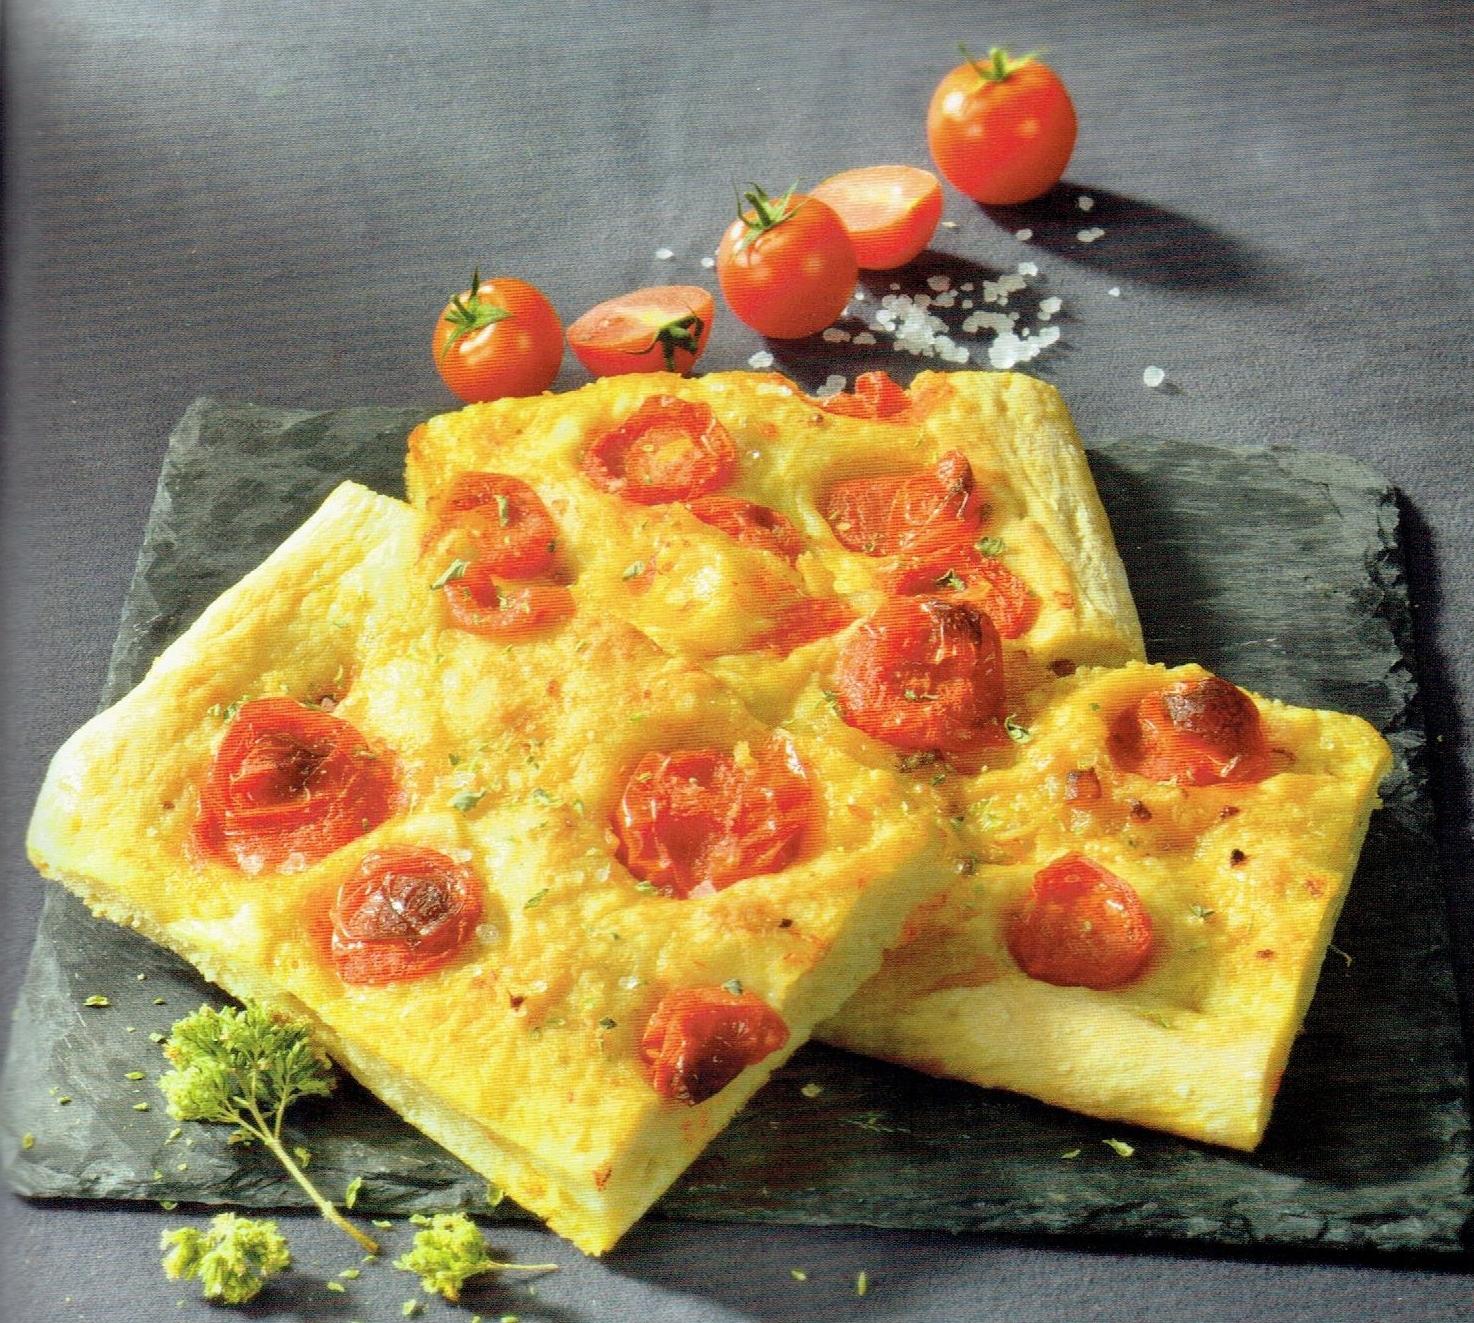 focaccia de puglia cocina italiana con thermomix masas